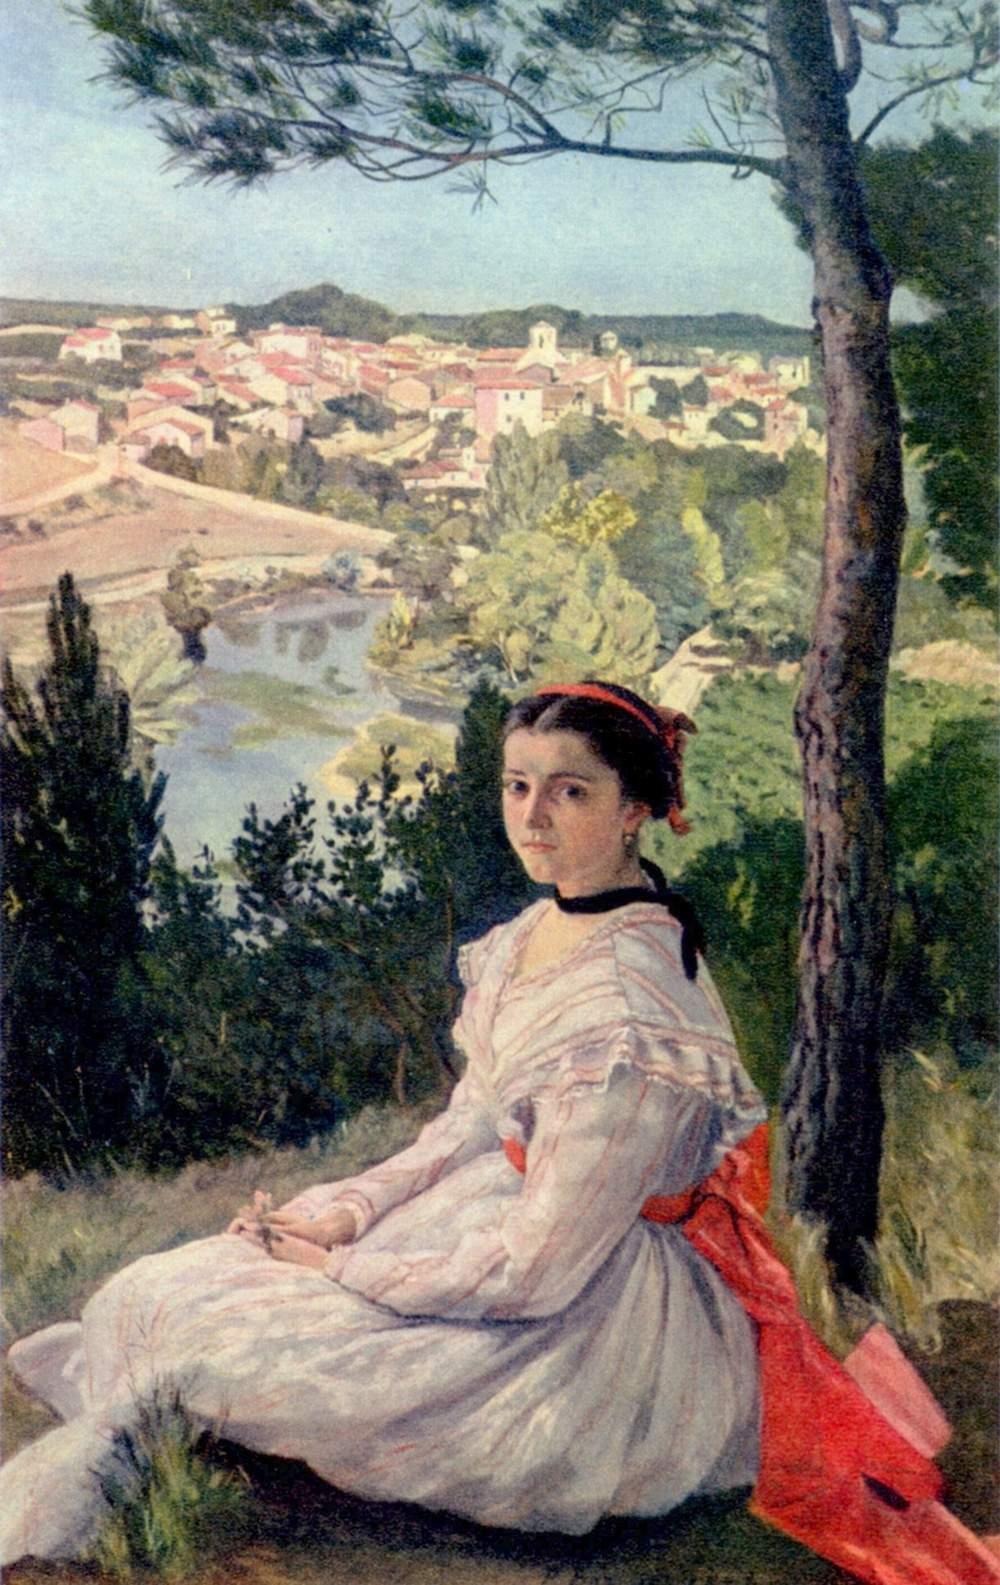 Bazille-La-vue-de-village-1868-130x89-cm-Montpellier-musee-Fabre